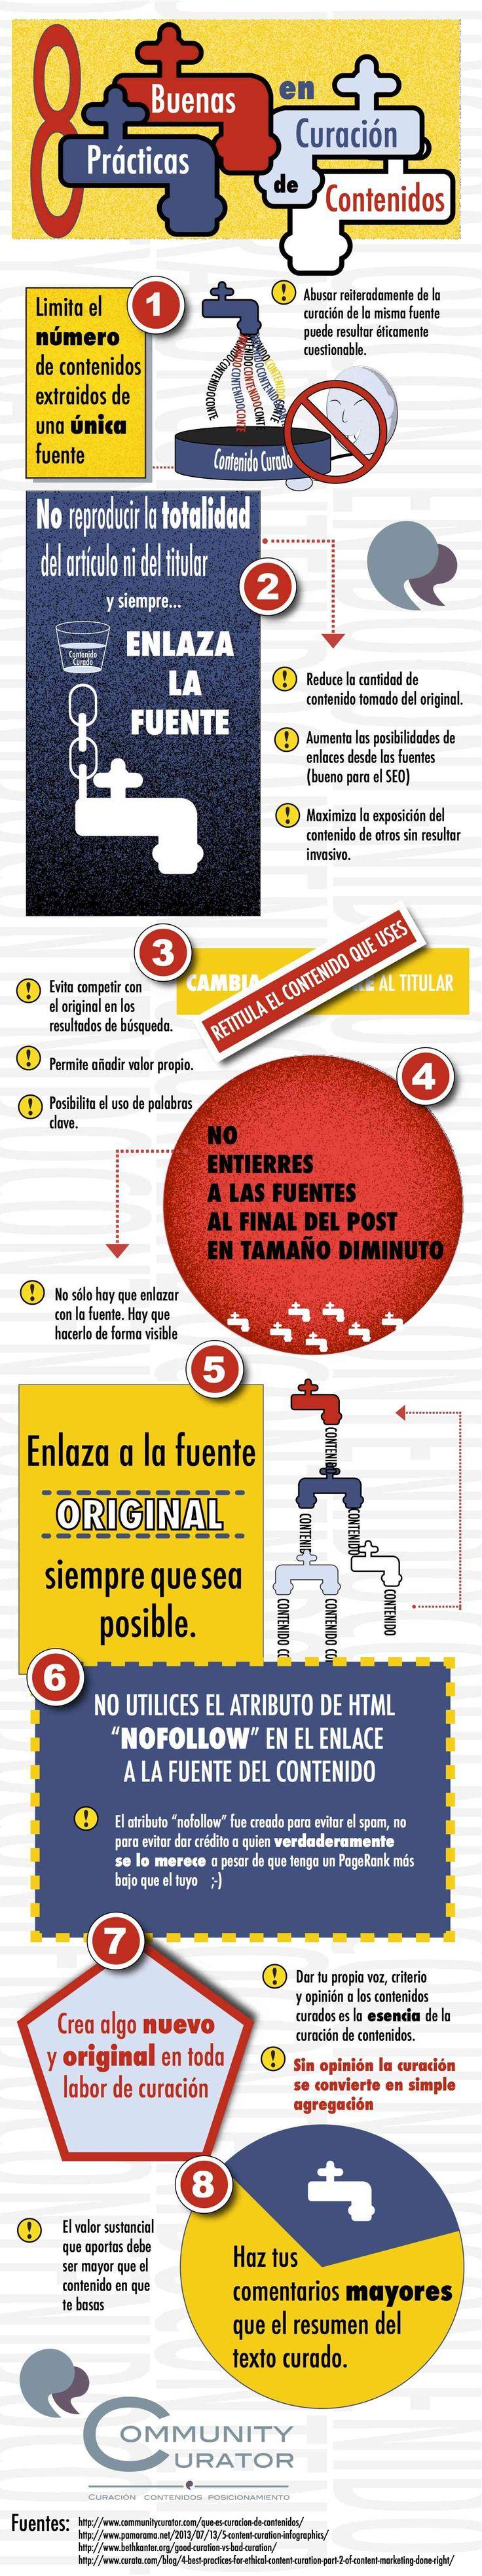 Artículo con infografía incluída de Antonio Villa, que pone orden a una serie de buenas prácticas para la curación de contenidos.